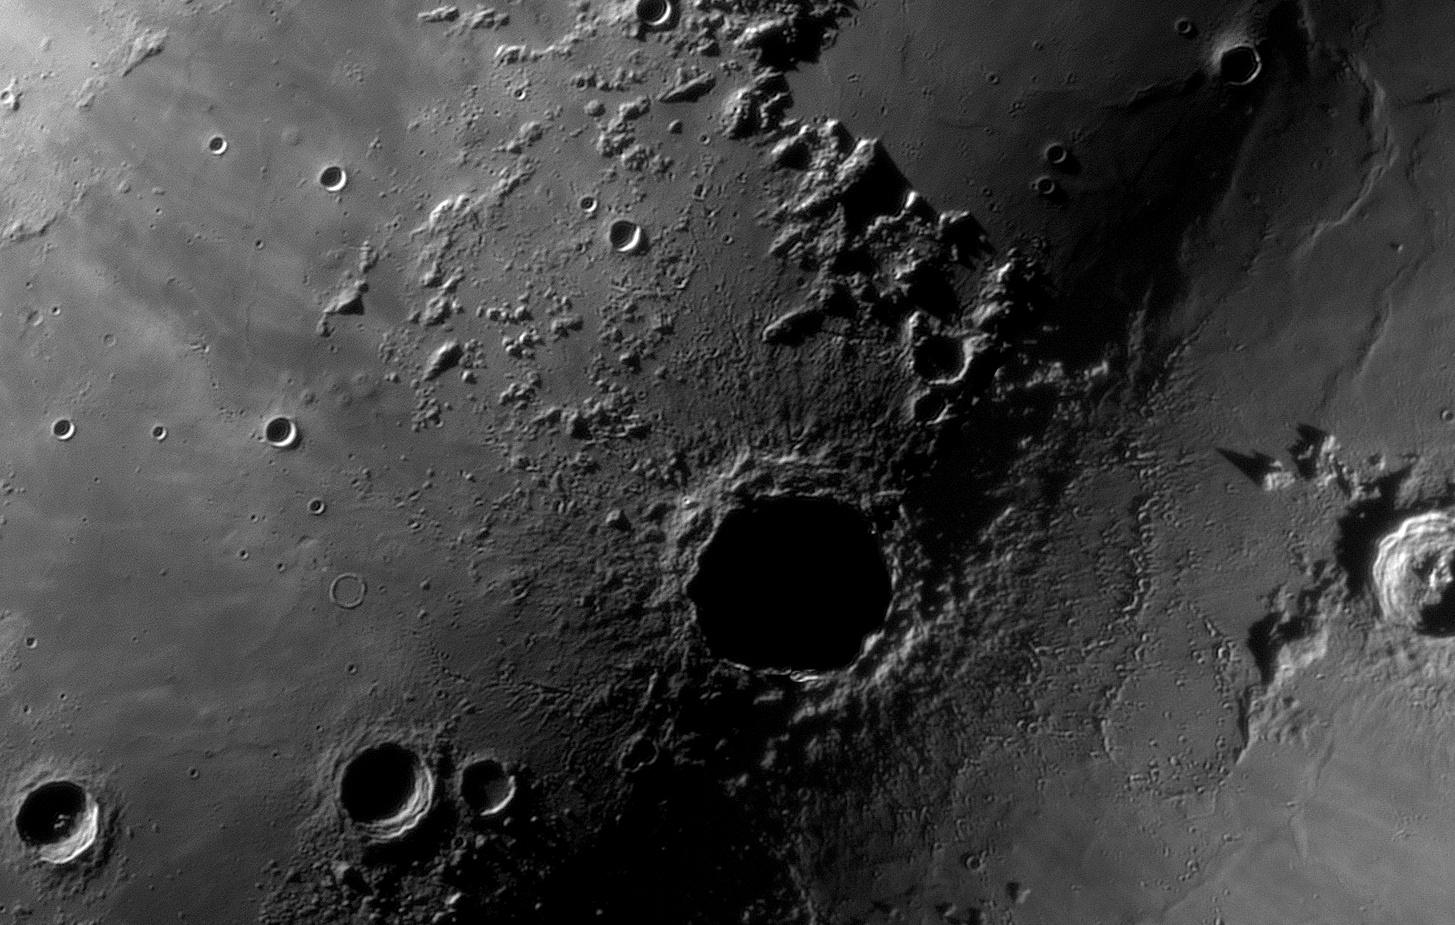 Najdziwniejsze zdjęcie Kopernika_TS152F2270_ASI290MM_Halpha 35nm_105%....jpg